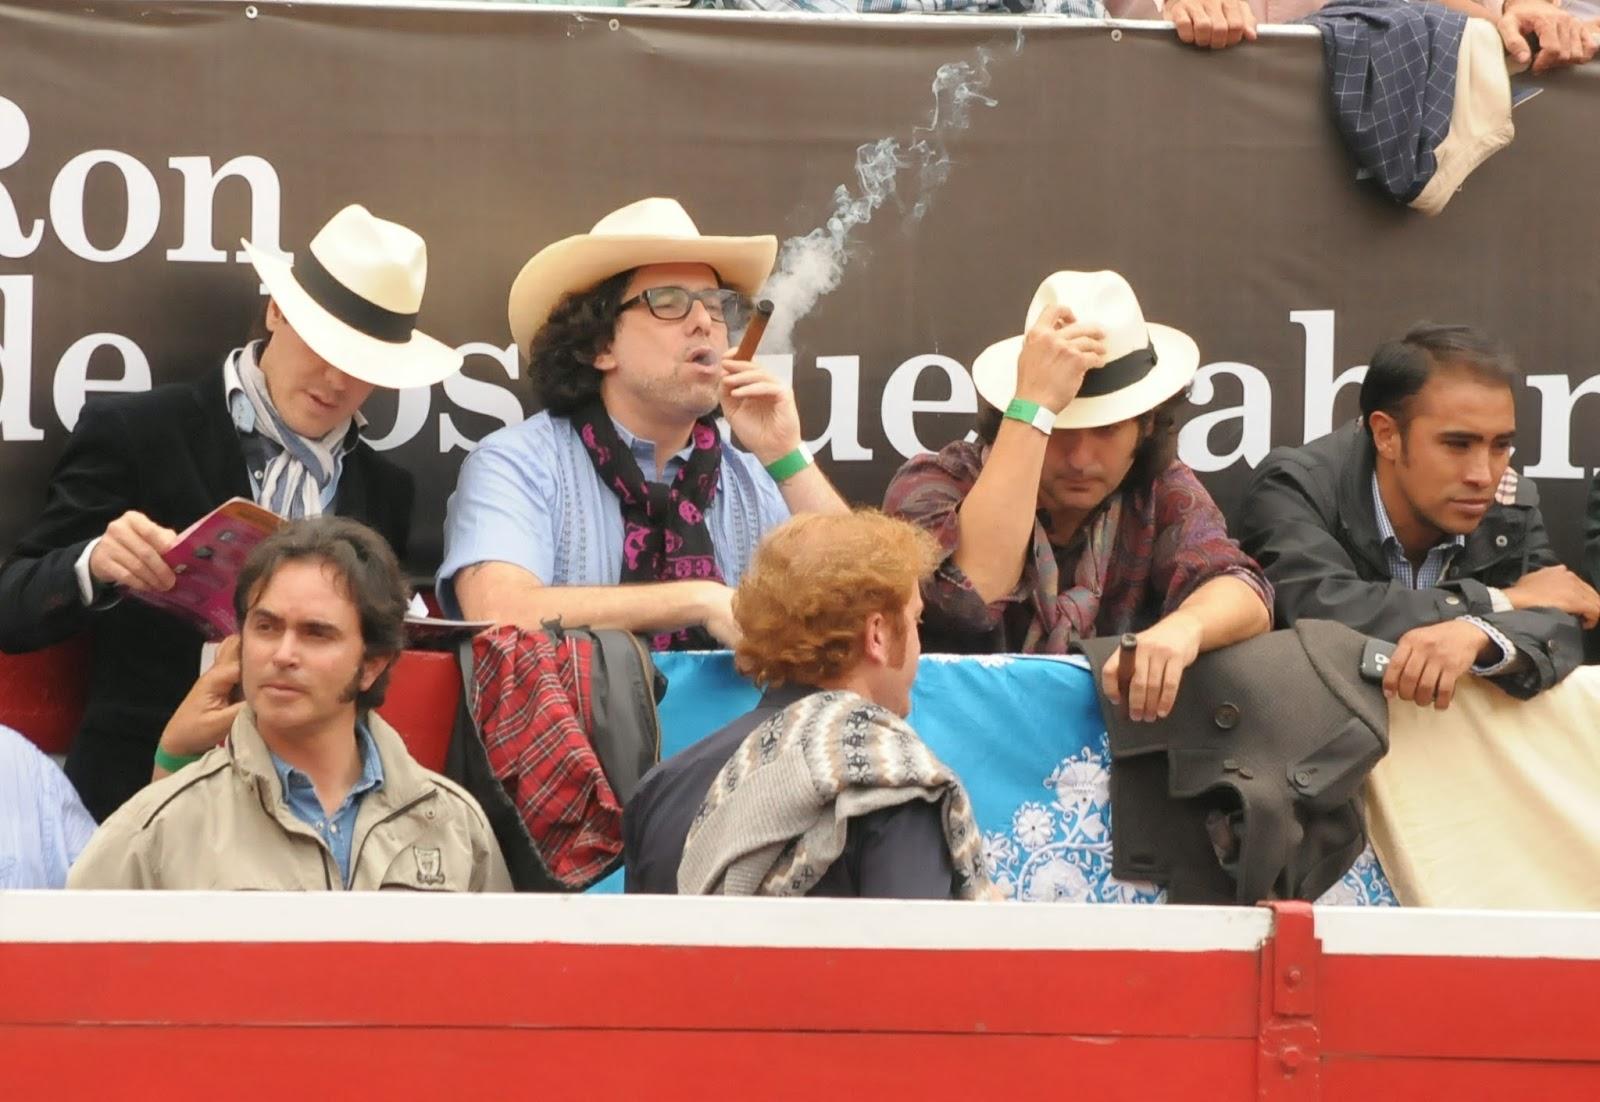 MUNDO FREAK  - Página 38 Andres_calamaro-plaza_de_toros-fa-e0026